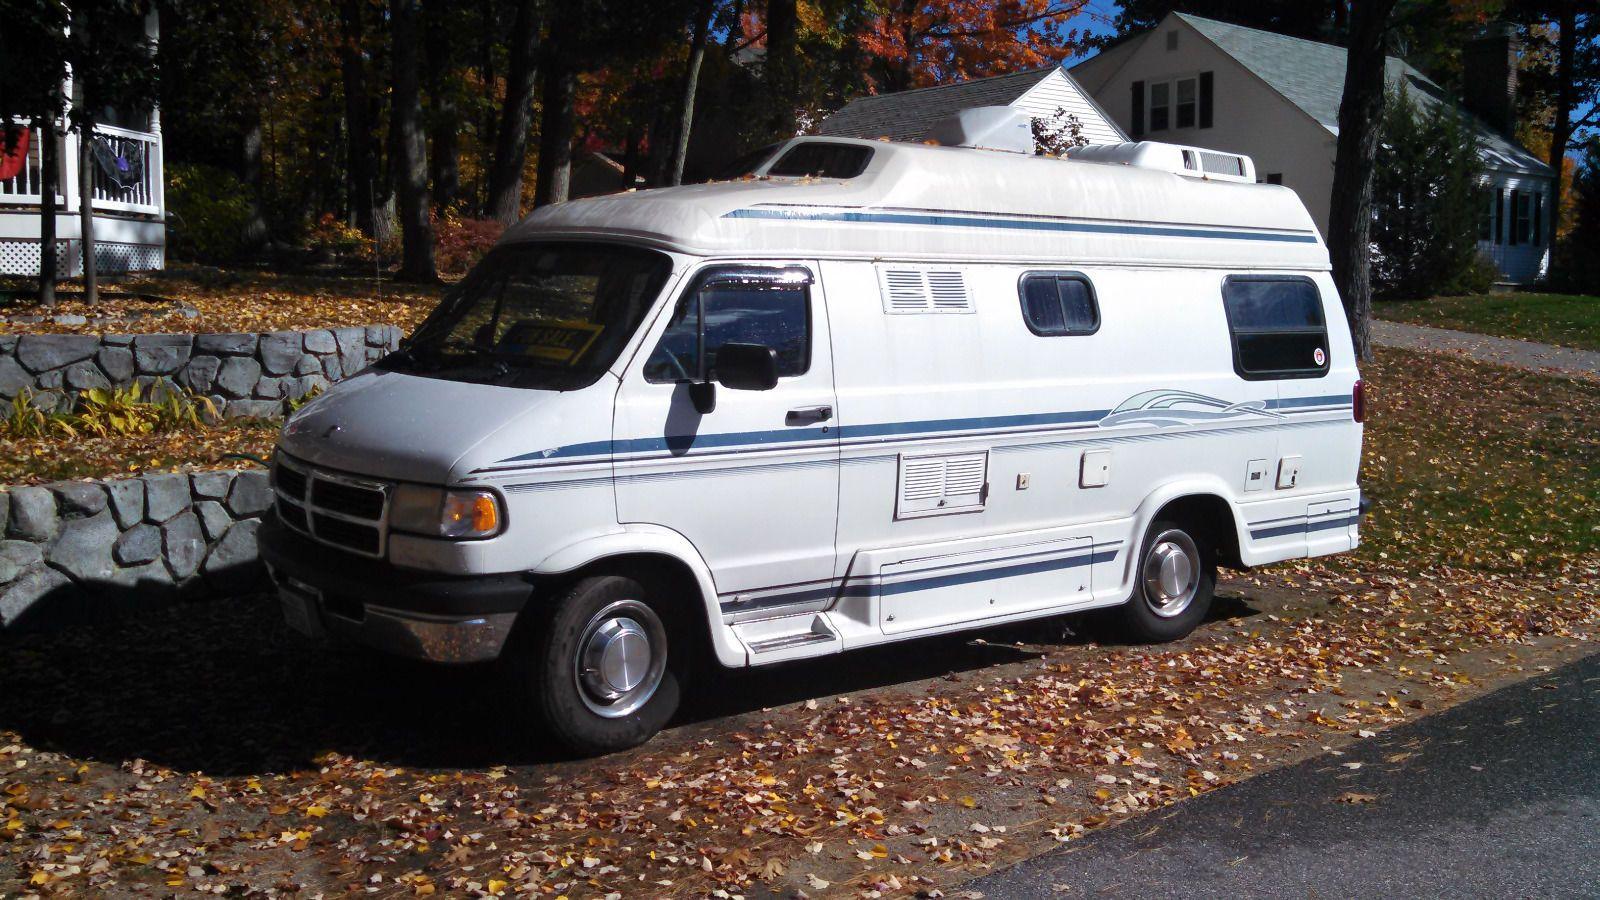 Excellent condition 1997 Dodge Pleasure Way for sale